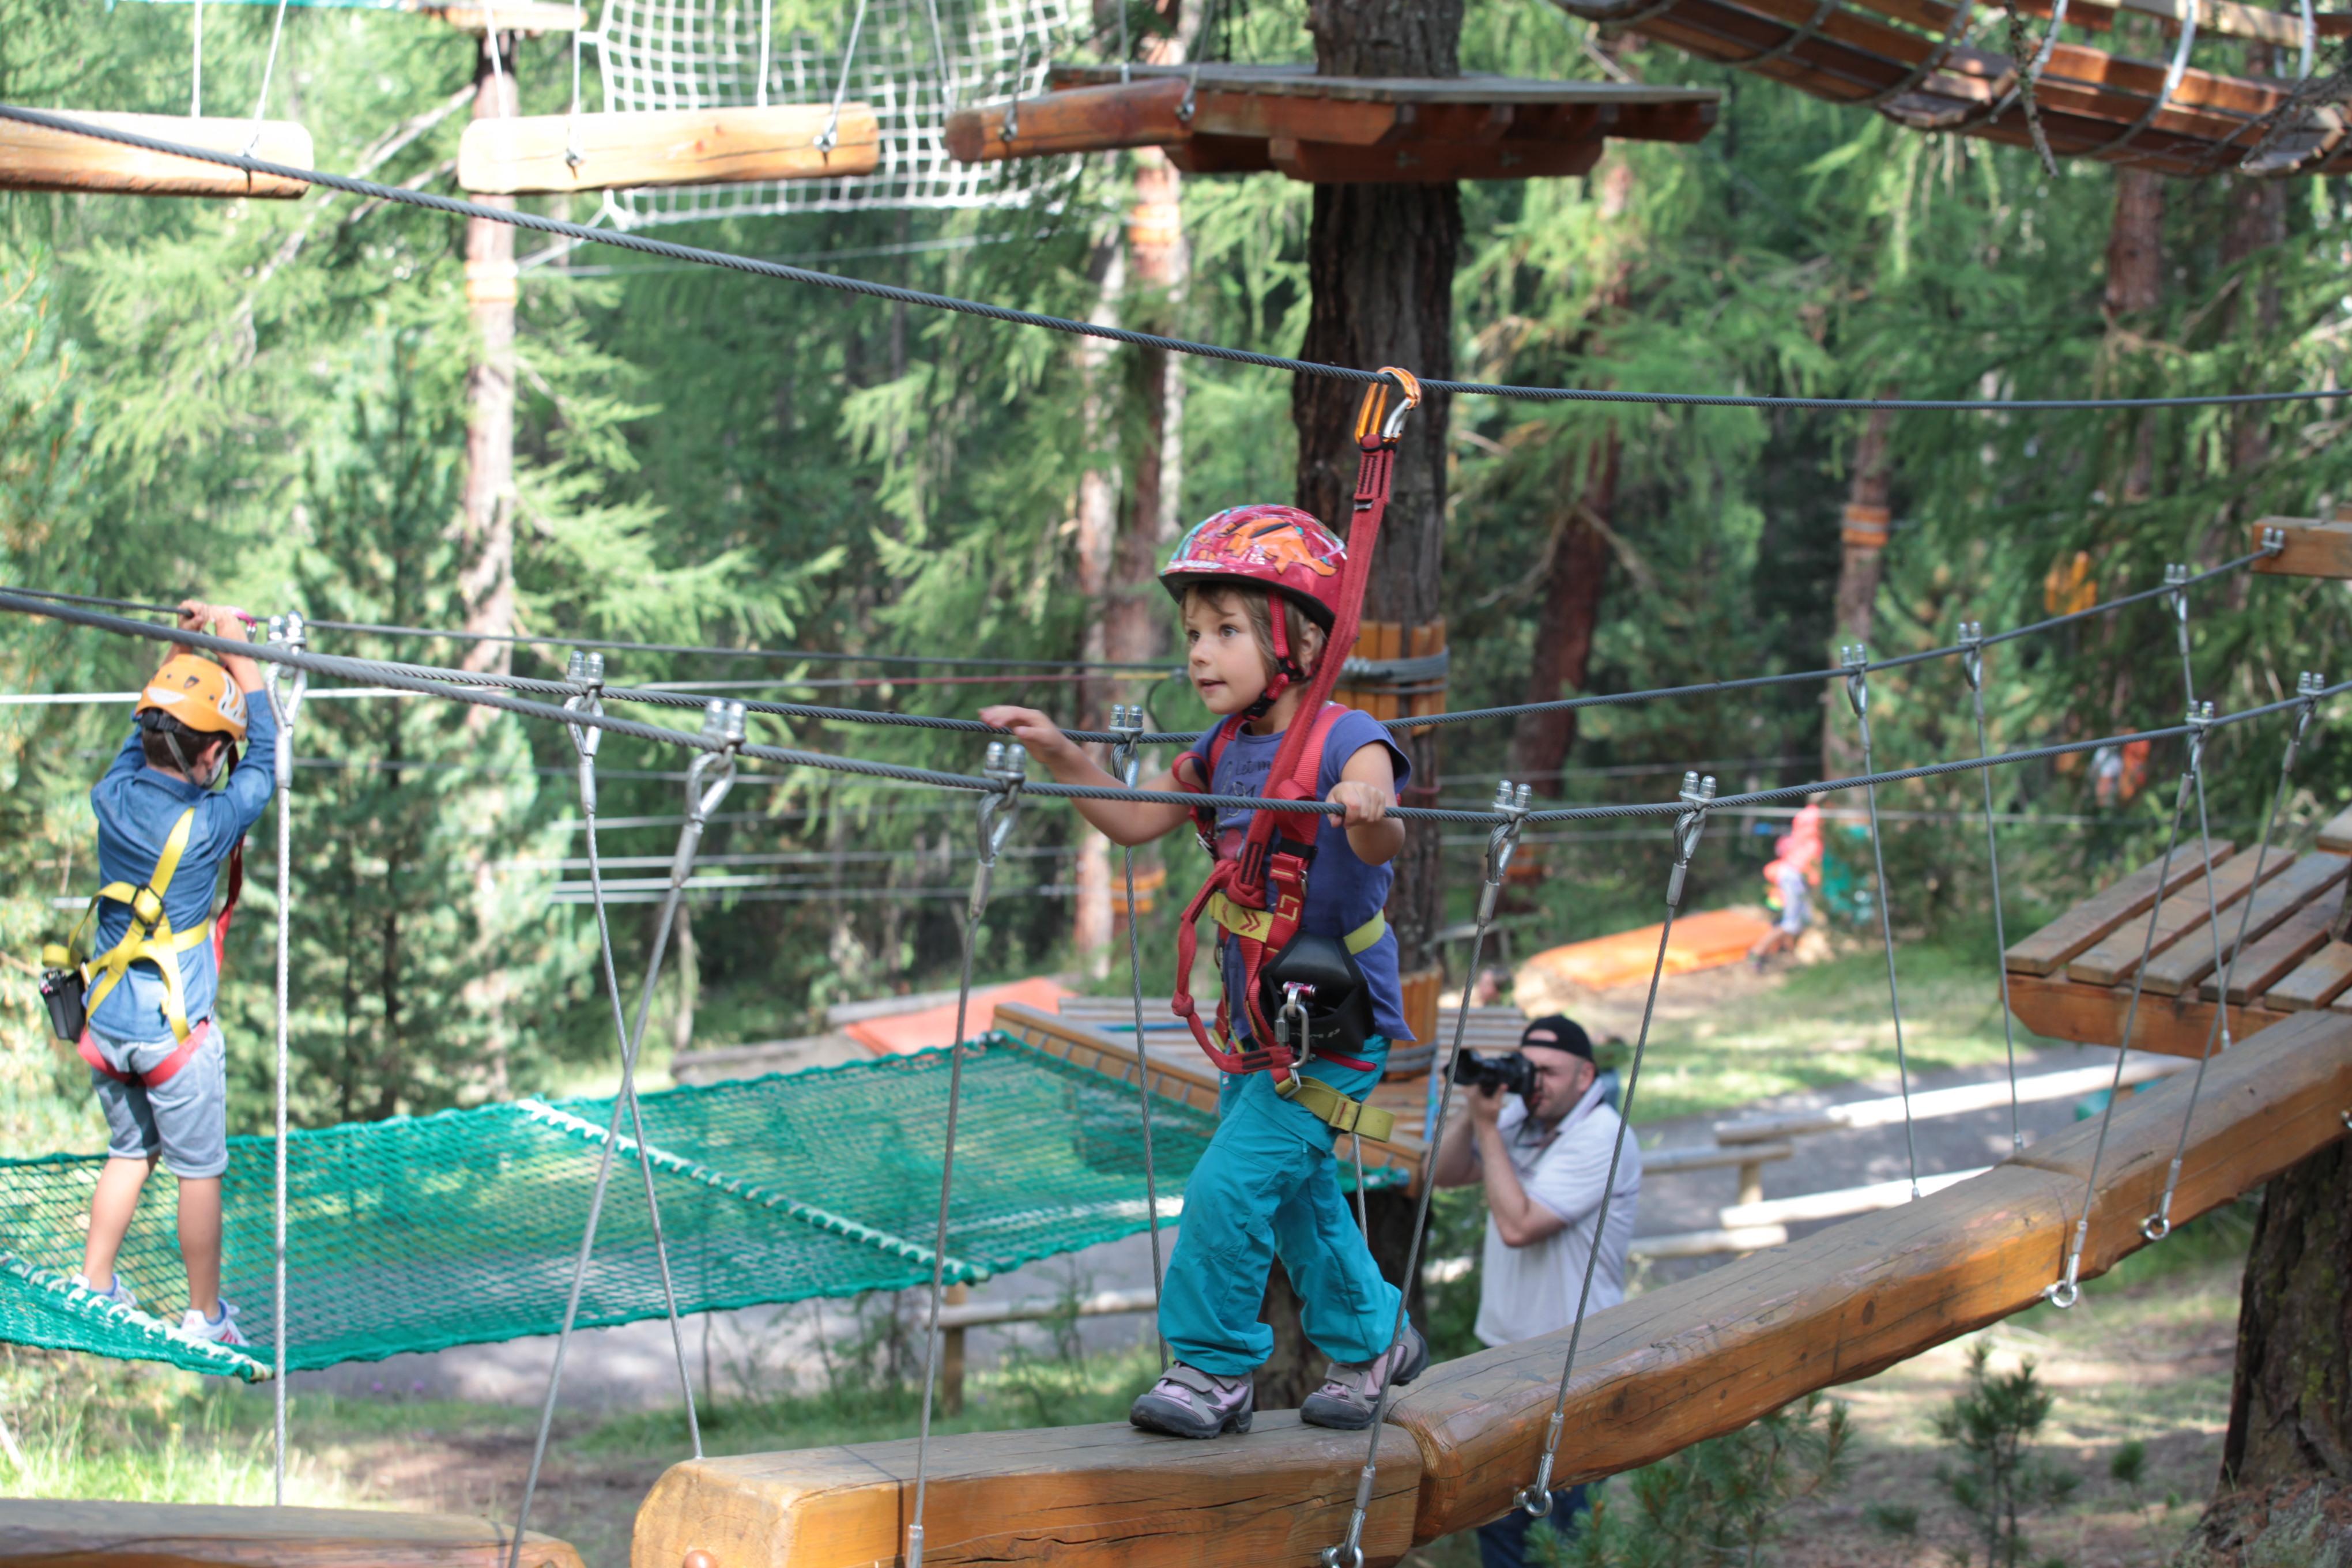 Larix Park, divertimento per bambini ed adulti